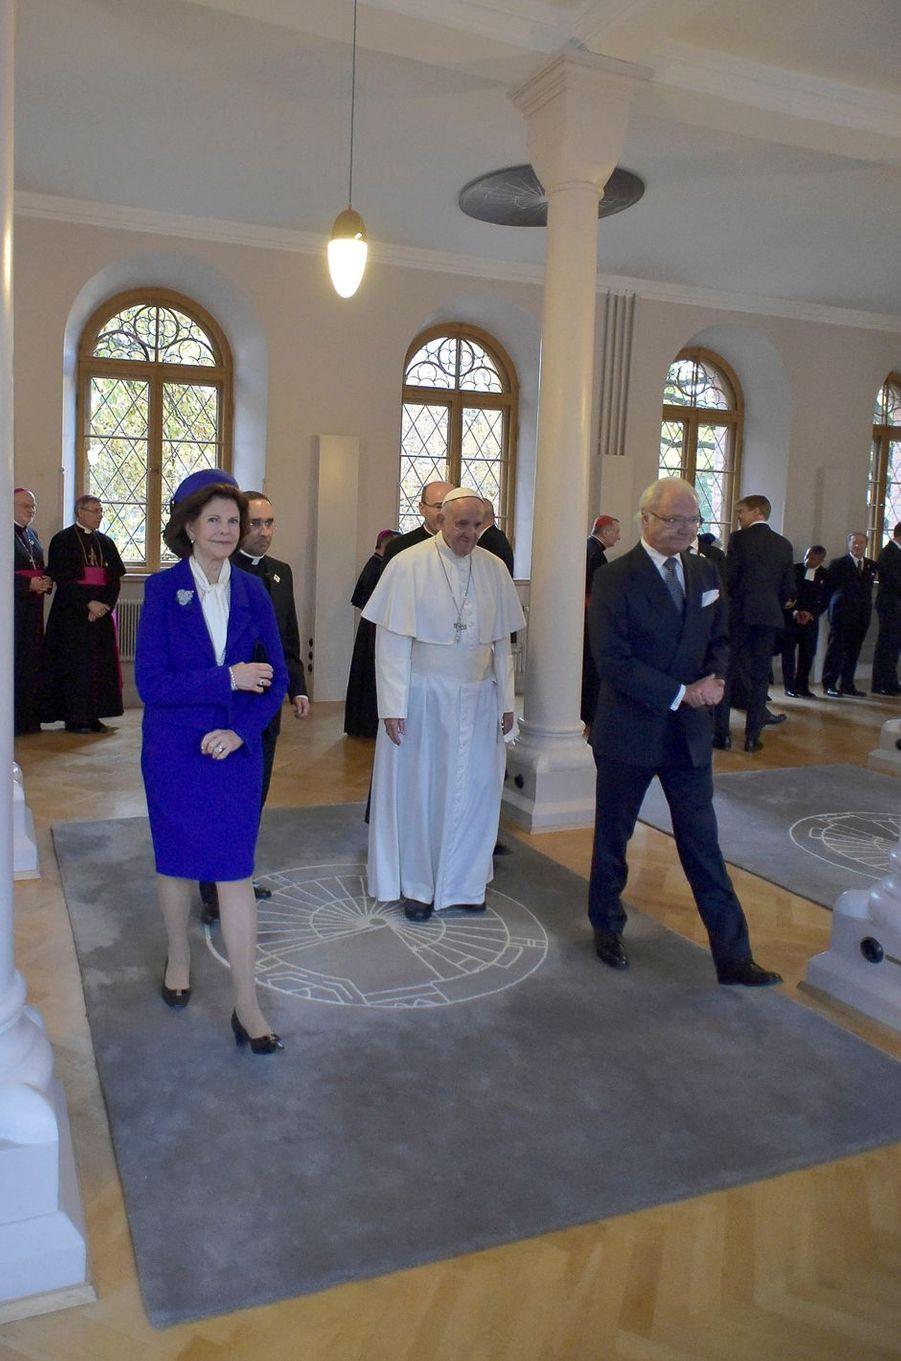 La reine Silvia et le roi Carl XVI Gustaf de Suède avec le pape François au palais royal de Lund, le 31 octobre 2016